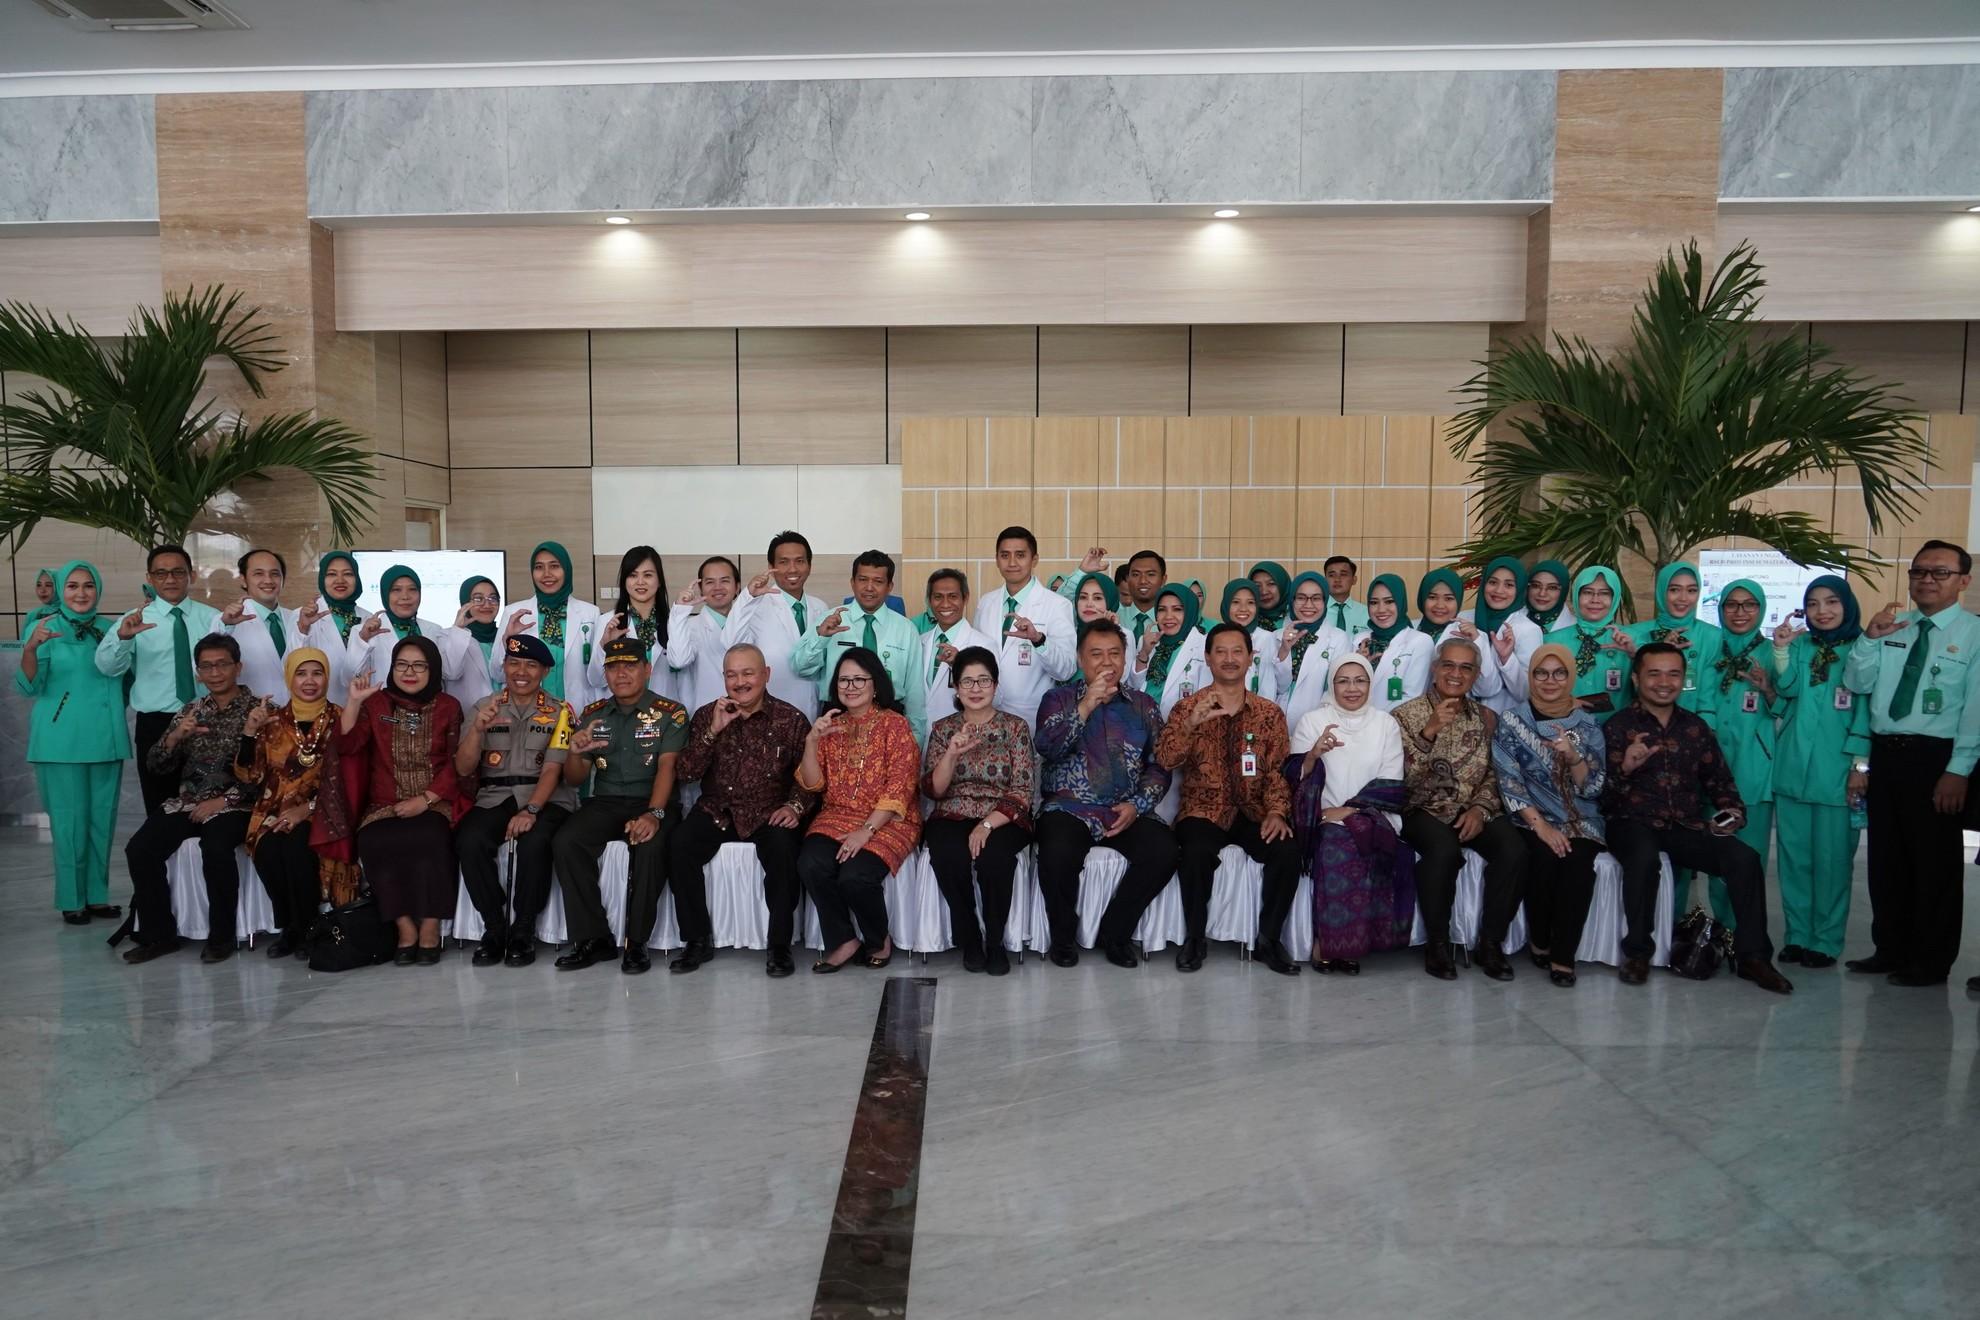 23-6-2018-foto-bersama-pd-peresmian-rsud-provinsi-sumatera-selatan